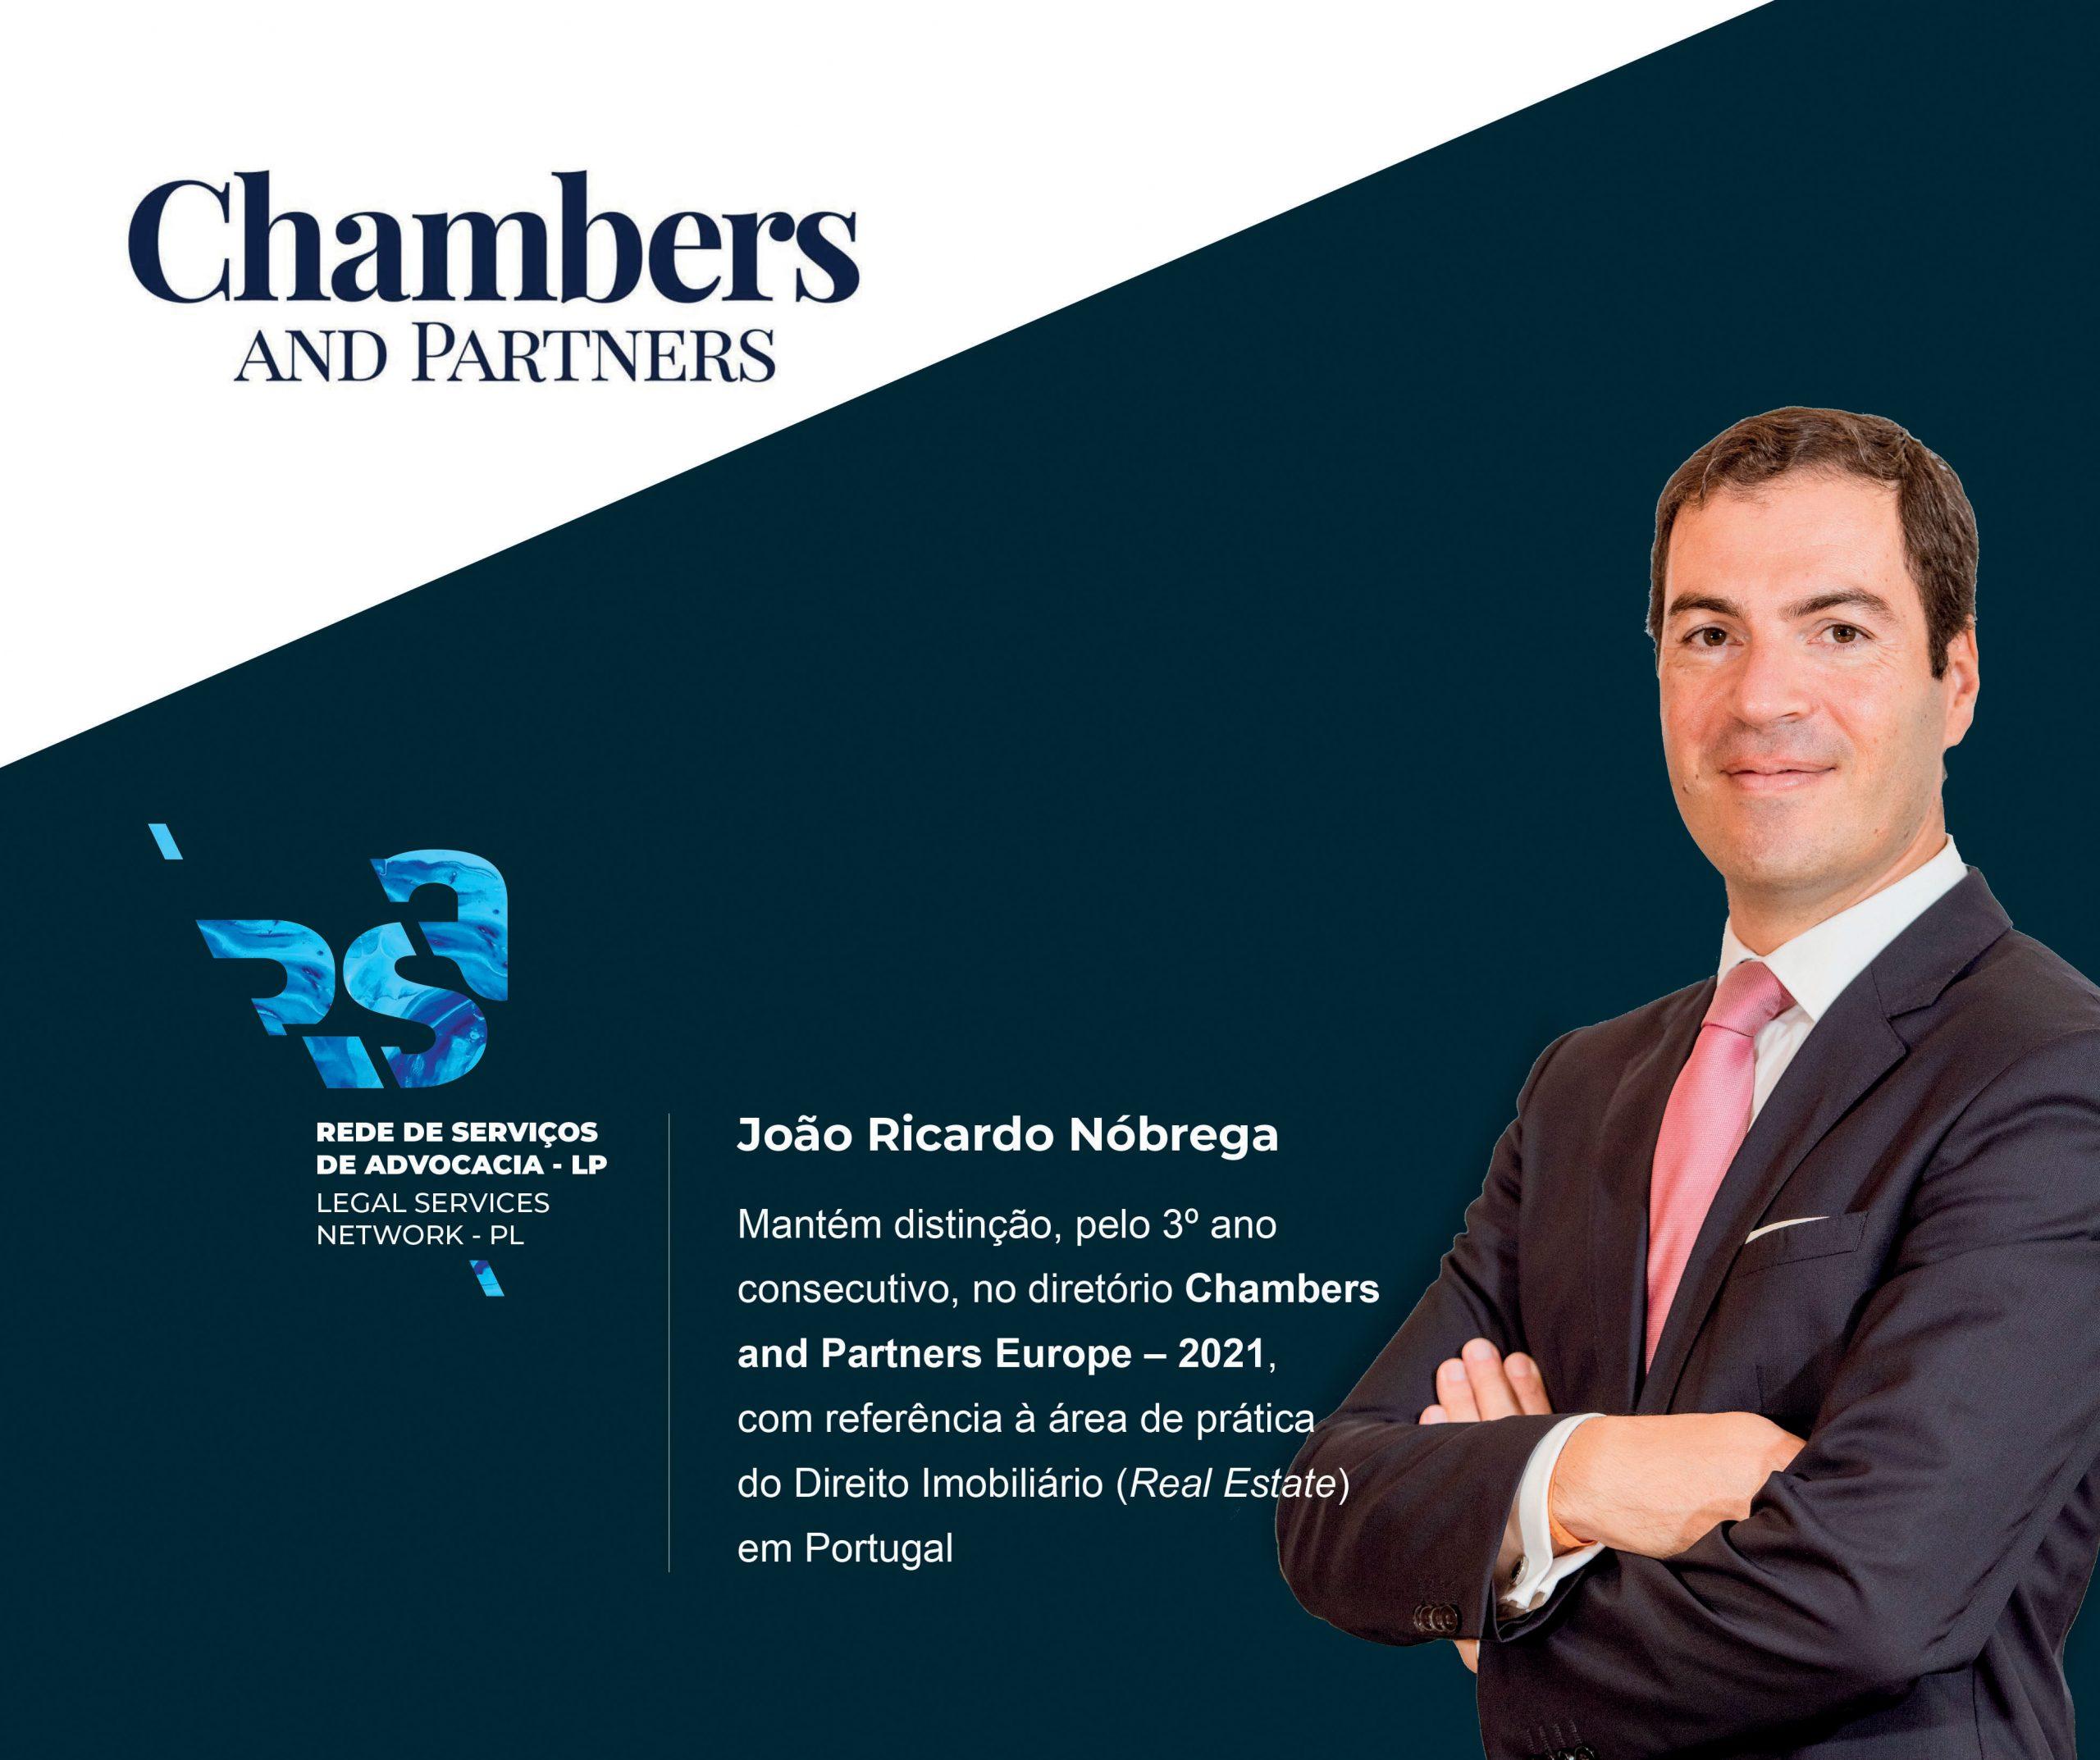 João Ricardo Nóbrega distinguido pela Chambers and Partners - Direito Imobiliário